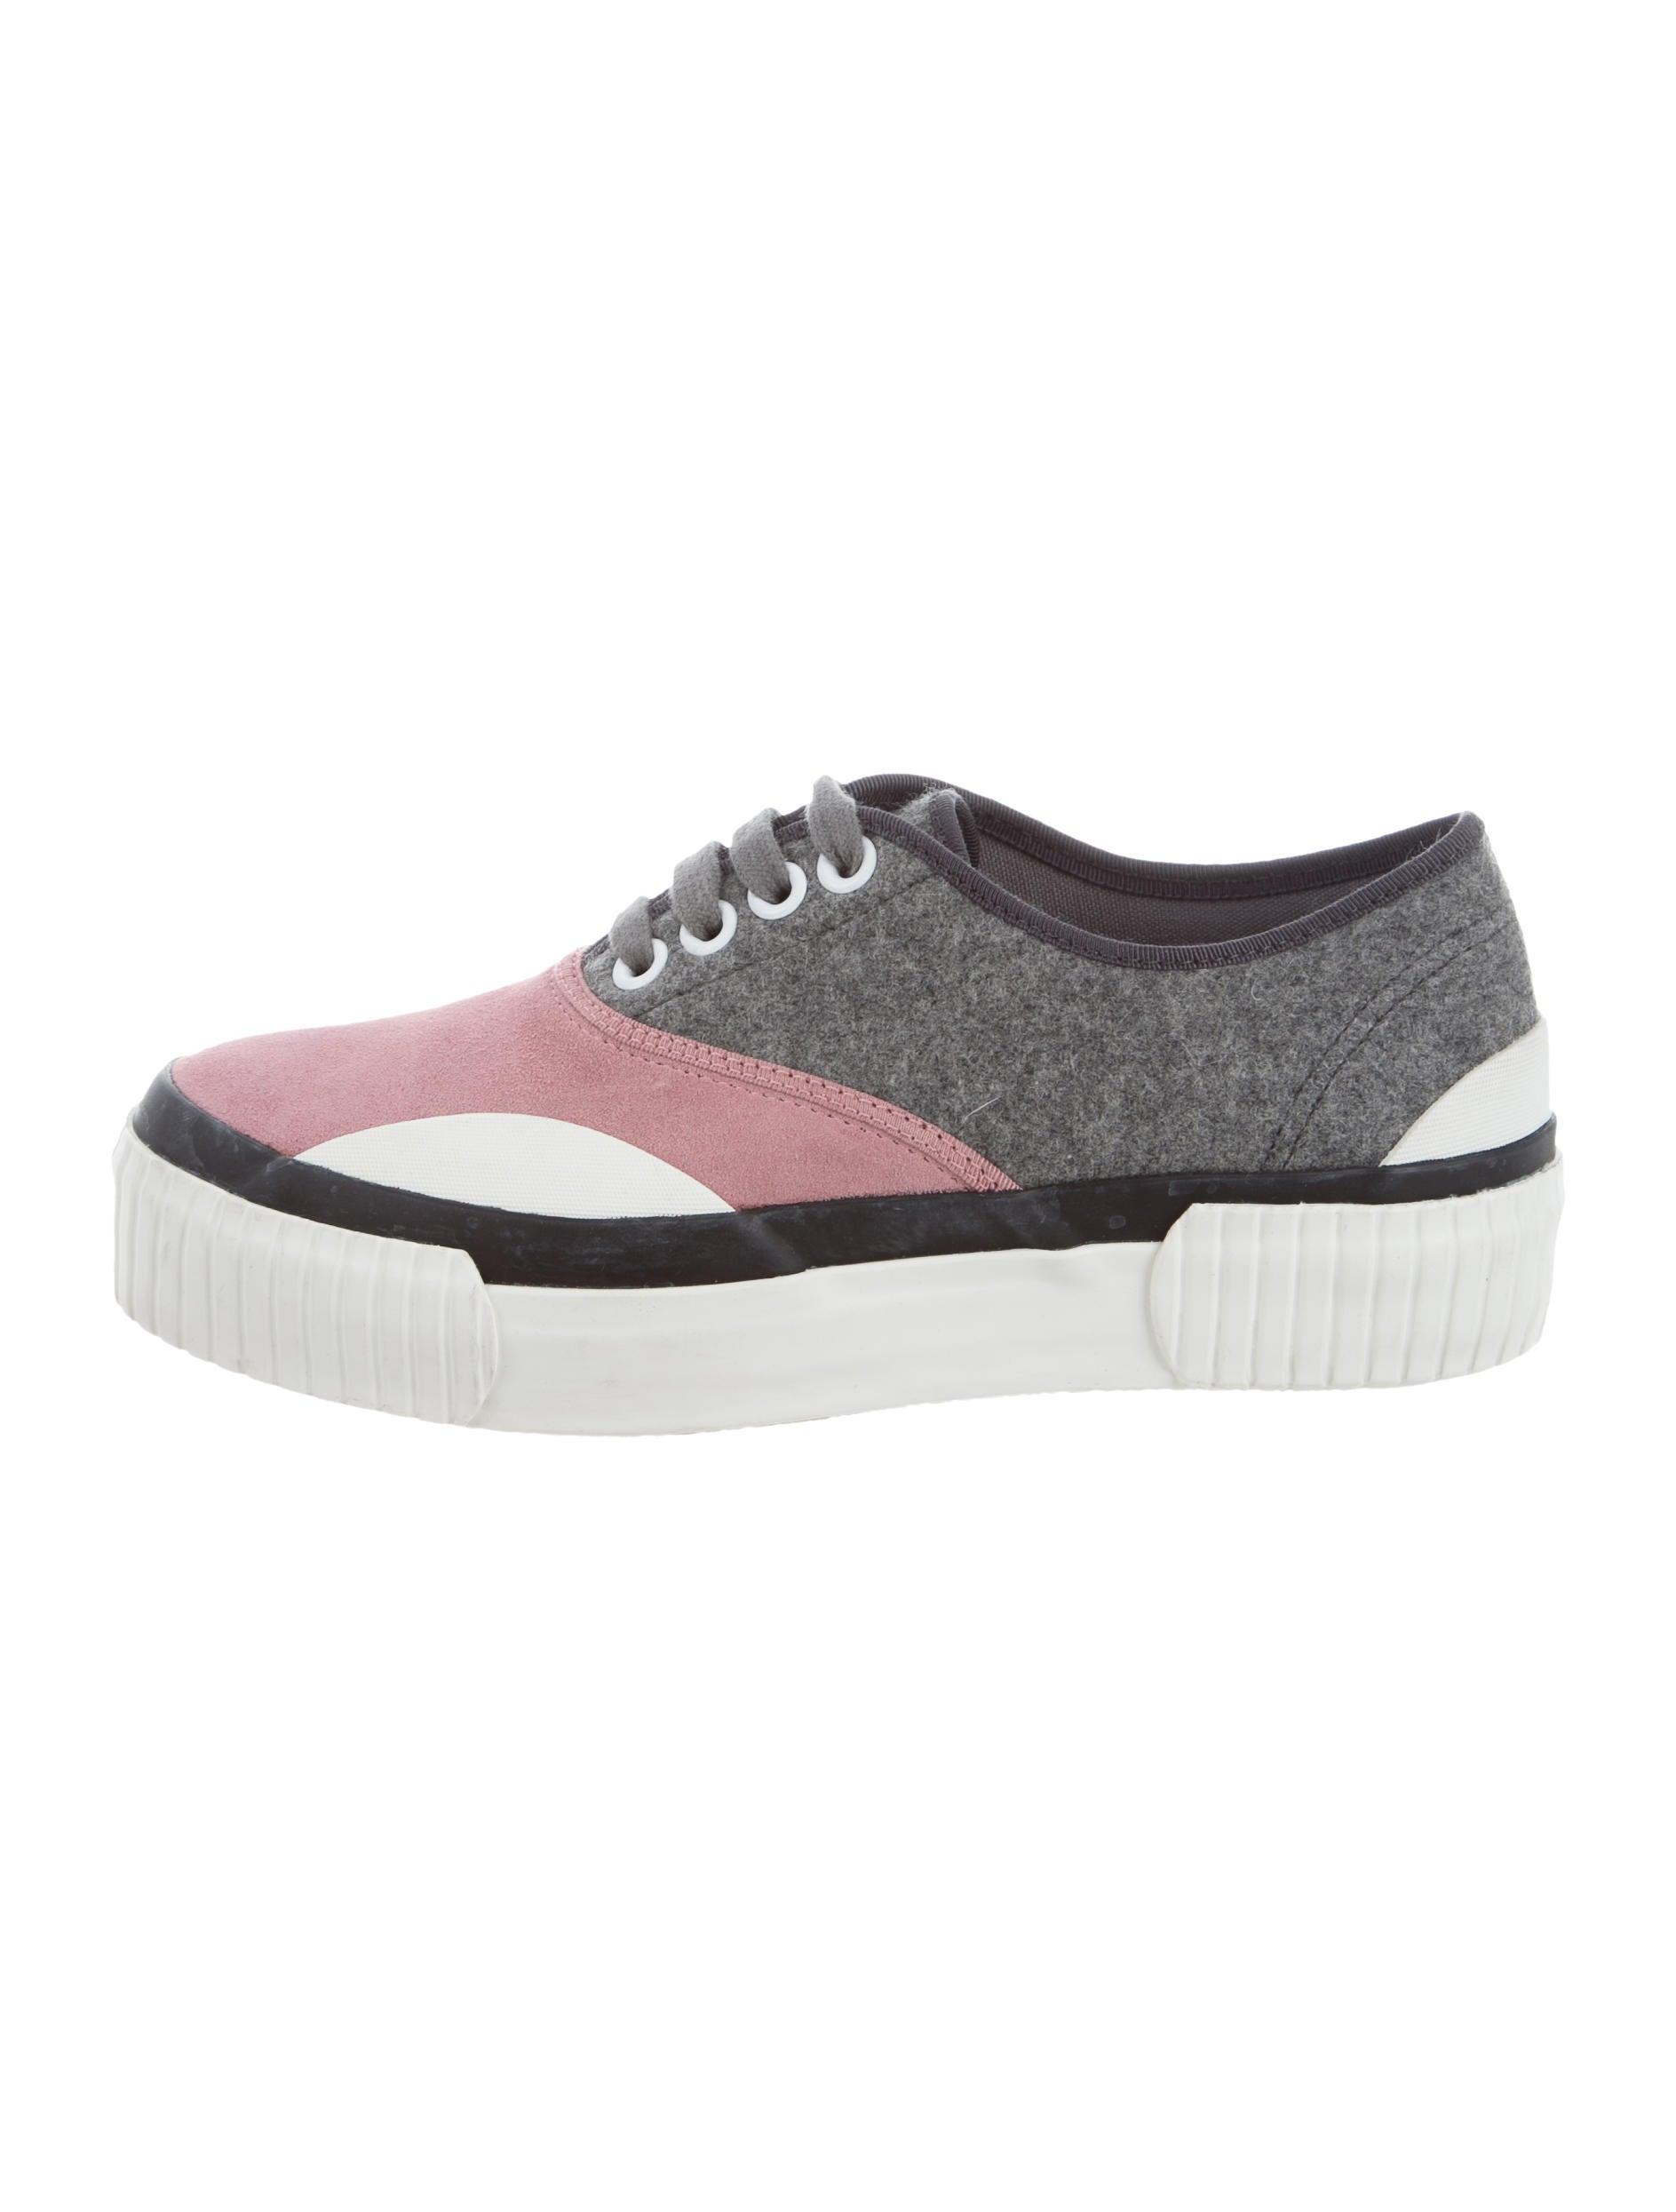 Julien David Suede Low-Top Sneakers discount under $60 free shipping discounts cheap big discount Bzc8DI